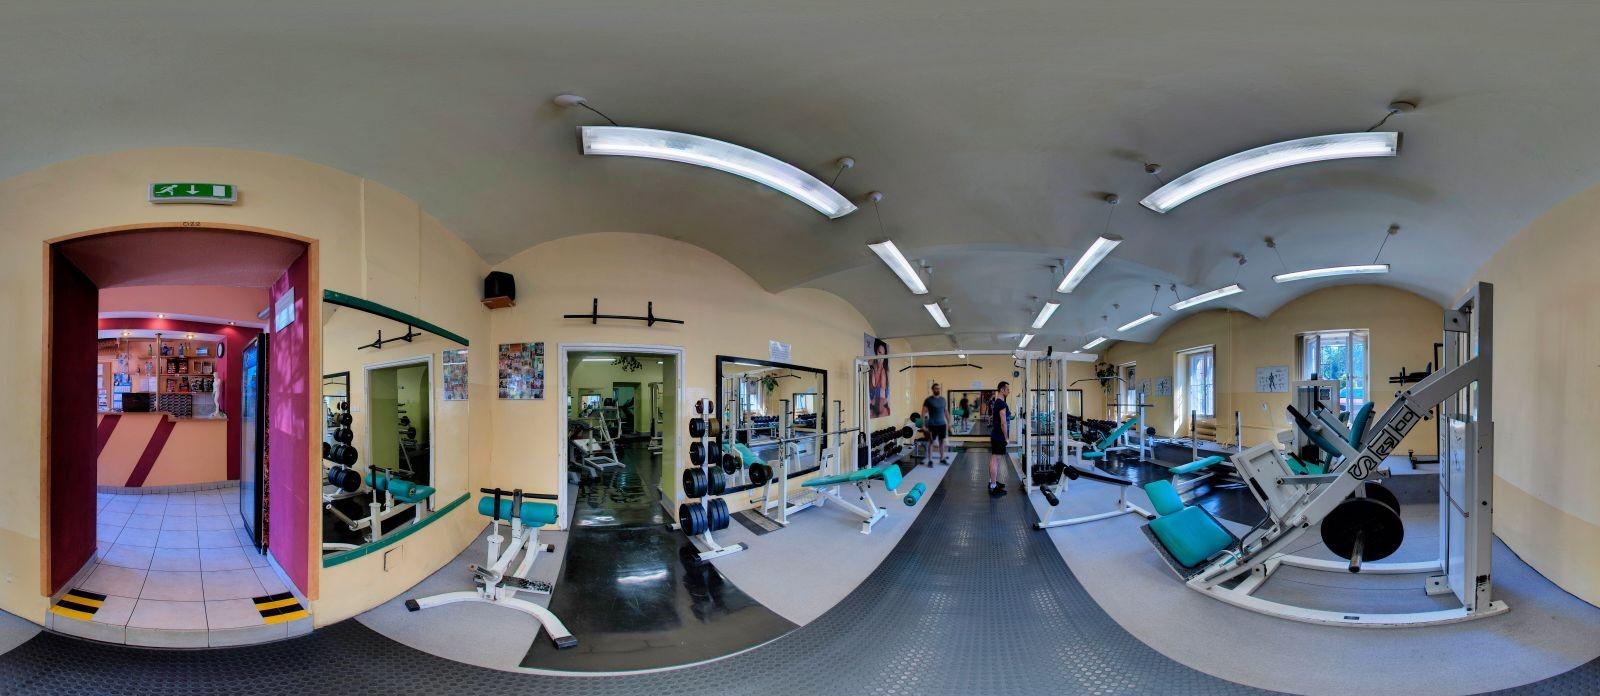 Zdjęcie panoramiczne siłowni wielofunkcyjnej